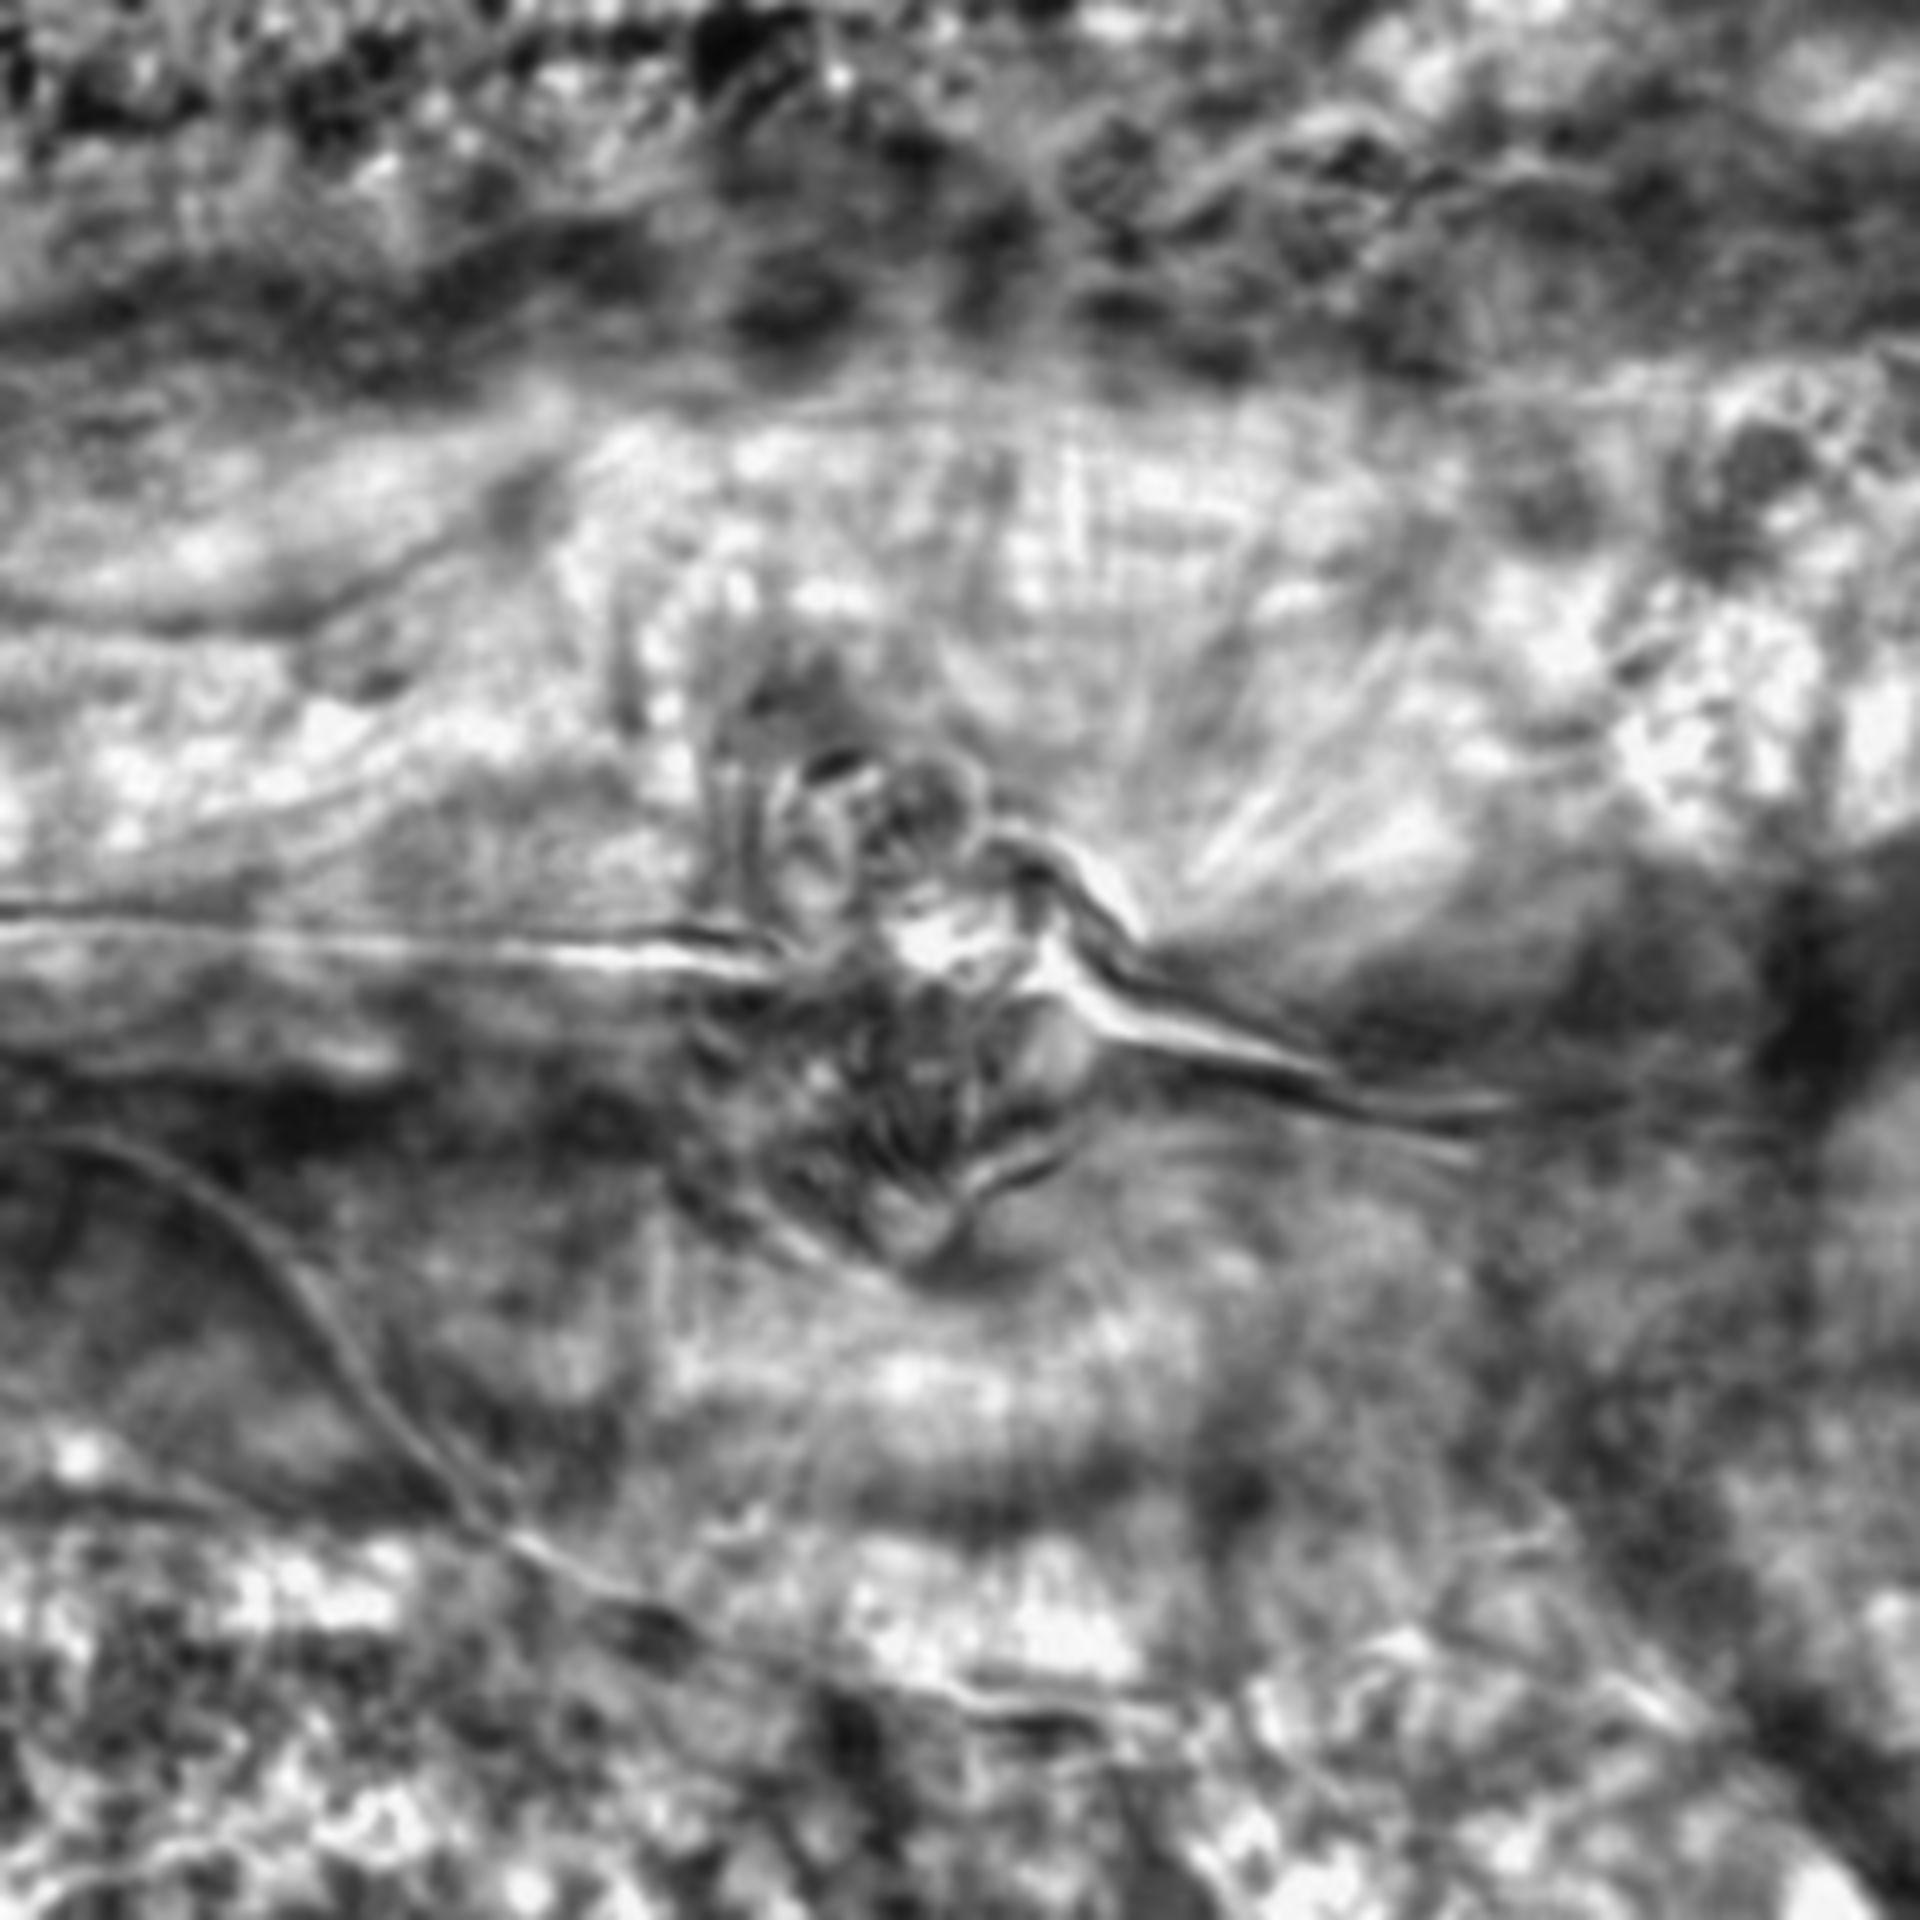 Caenorhabditis elegans - CIL:2209